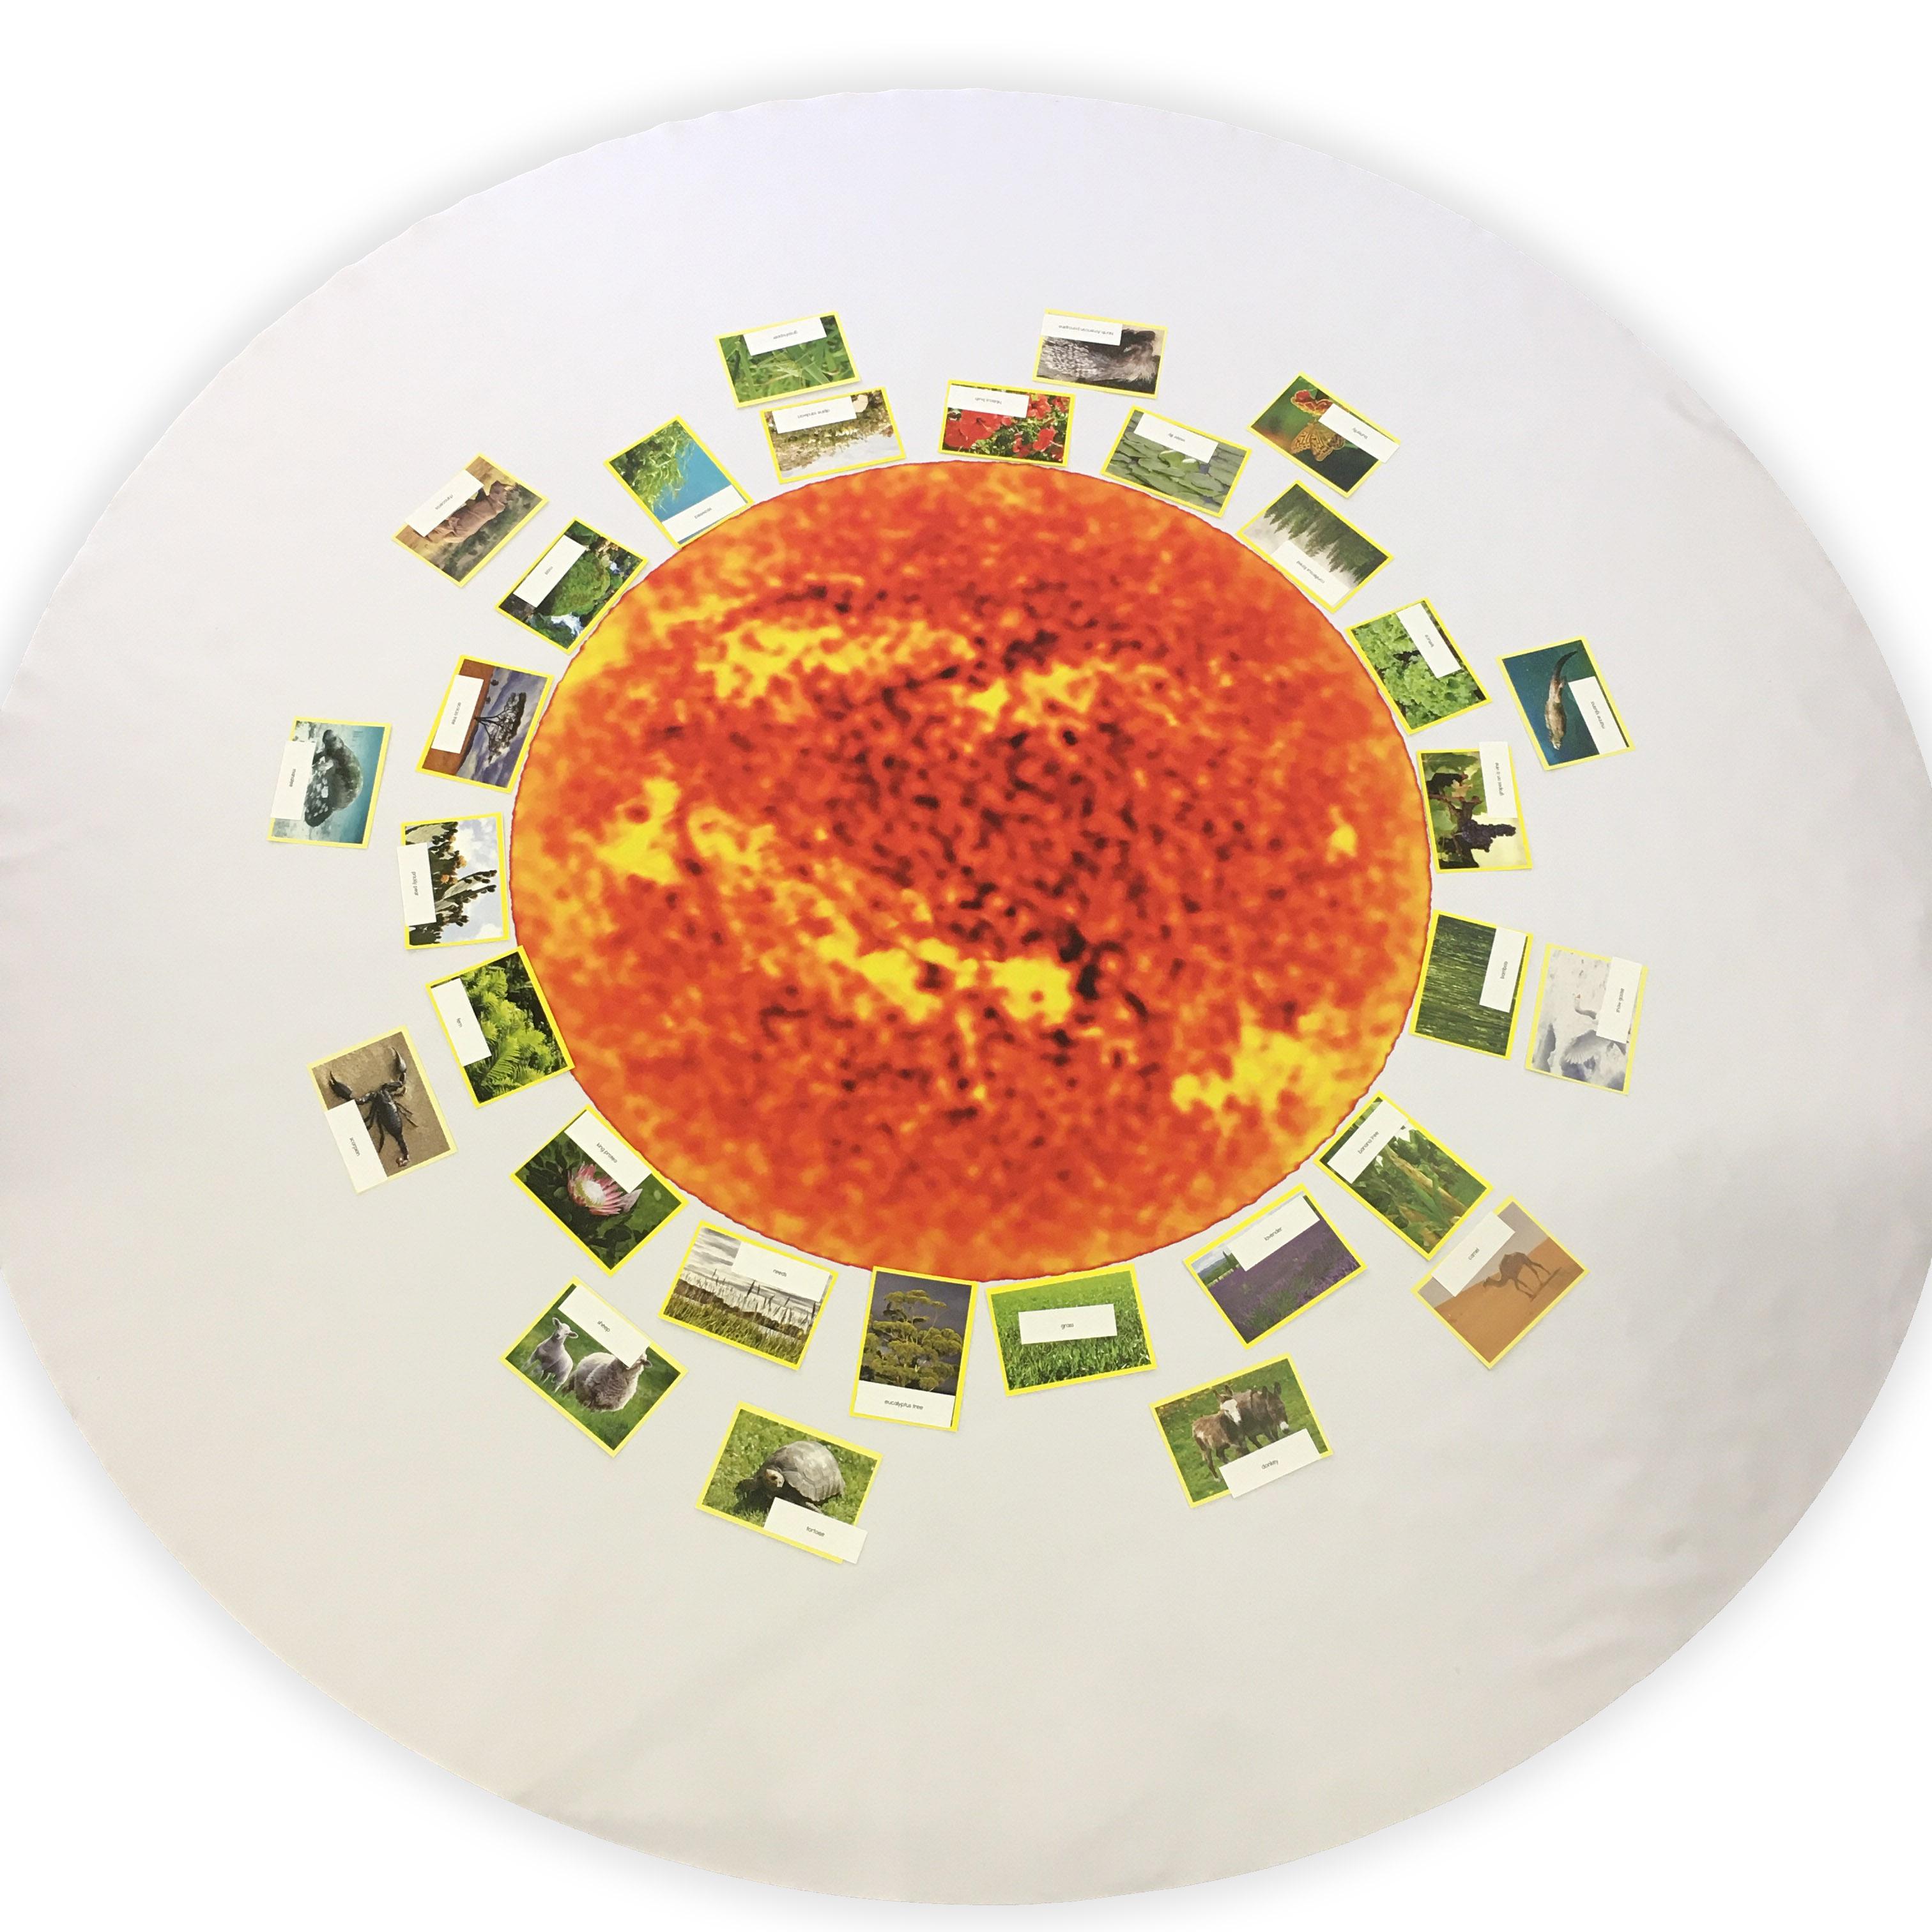 The Montessori Sun Game